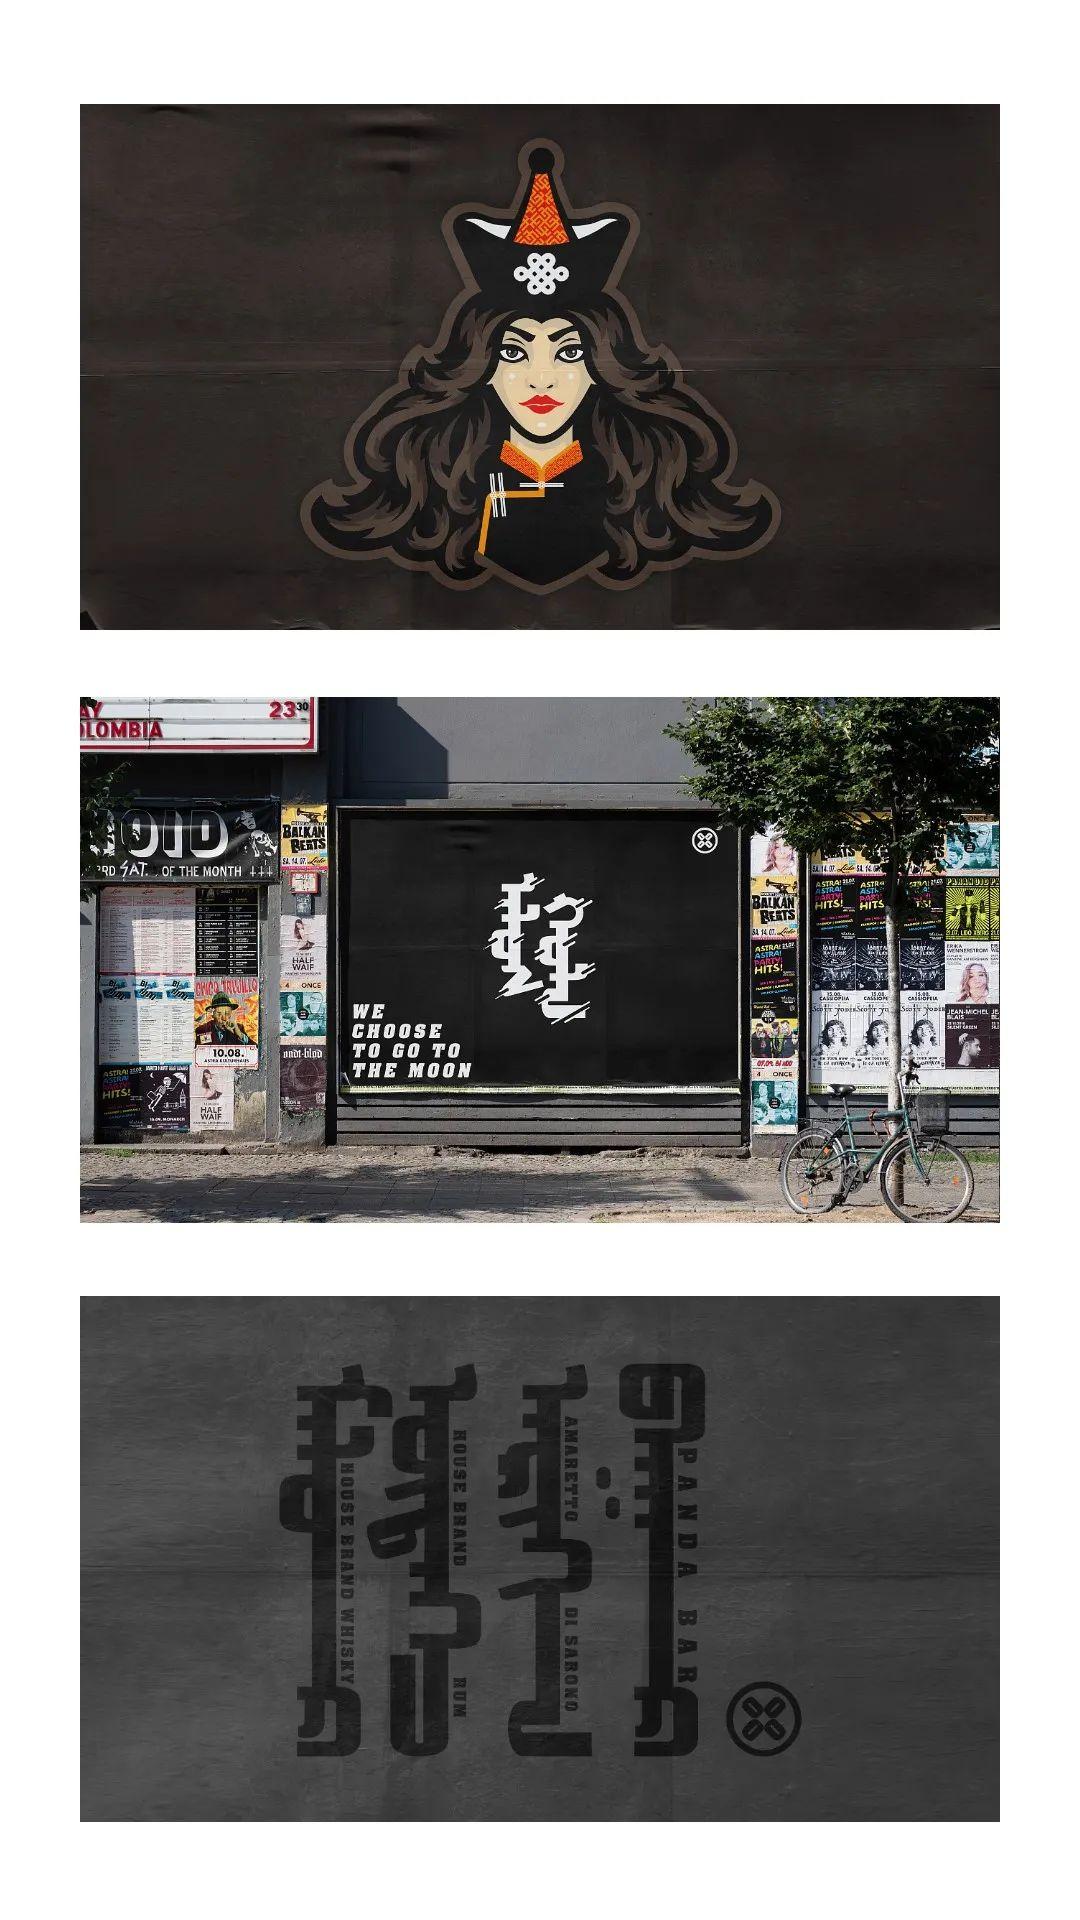 超赞的蒙元素设计-看完马上收藏 #Hotoch-Design#设计案例 第9张 超赞的蒙元素设计-看完马上收藏 #Hotoch-Design#设计案例 蒙古设计